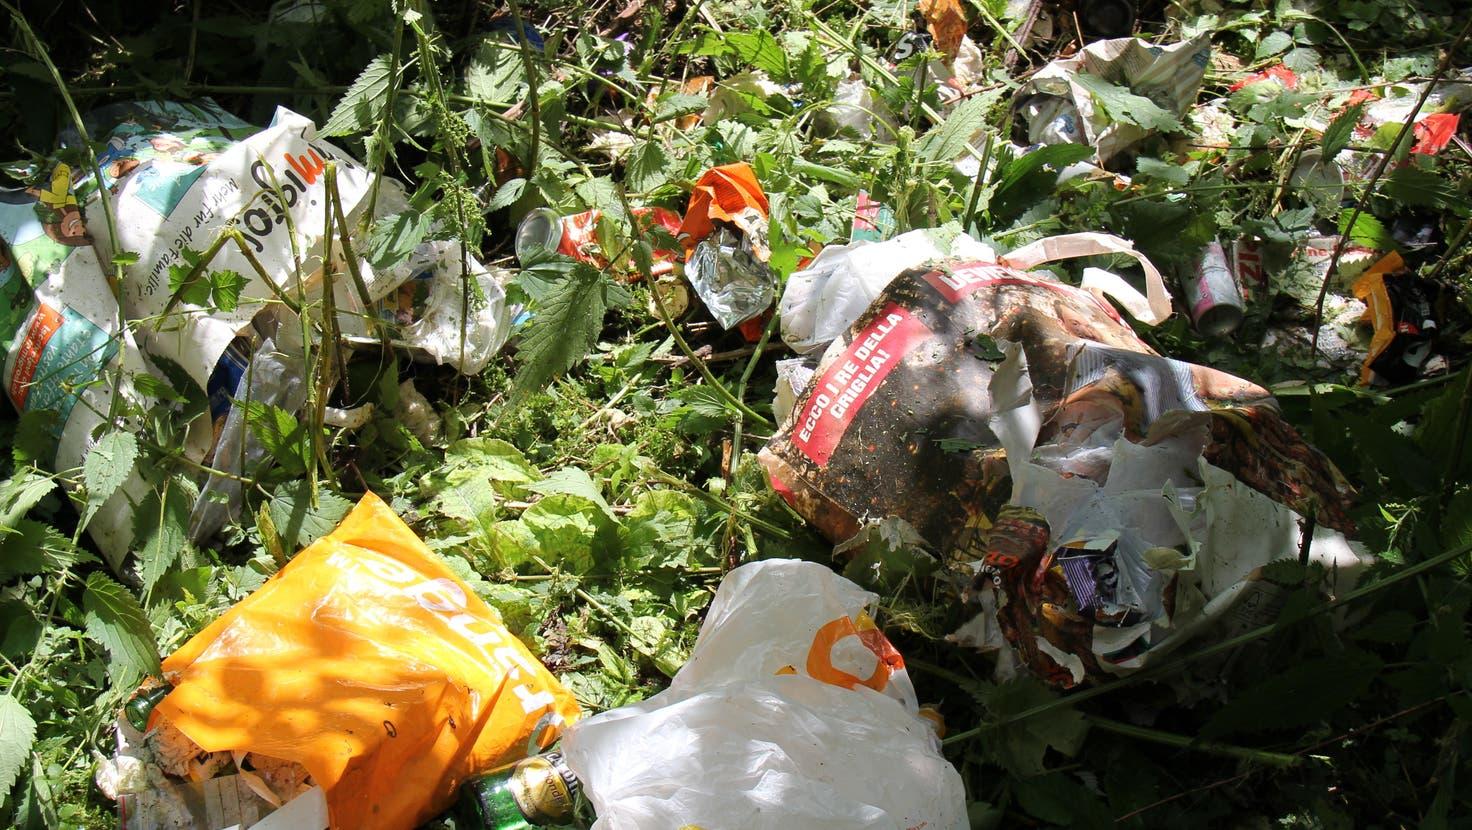 Ein 31-Jähriger wurde rechtskräftig verurteilt, weil er im Bremgarter Wald seinen Abfall illegal entsorgte. (Symbolbild: mzm)